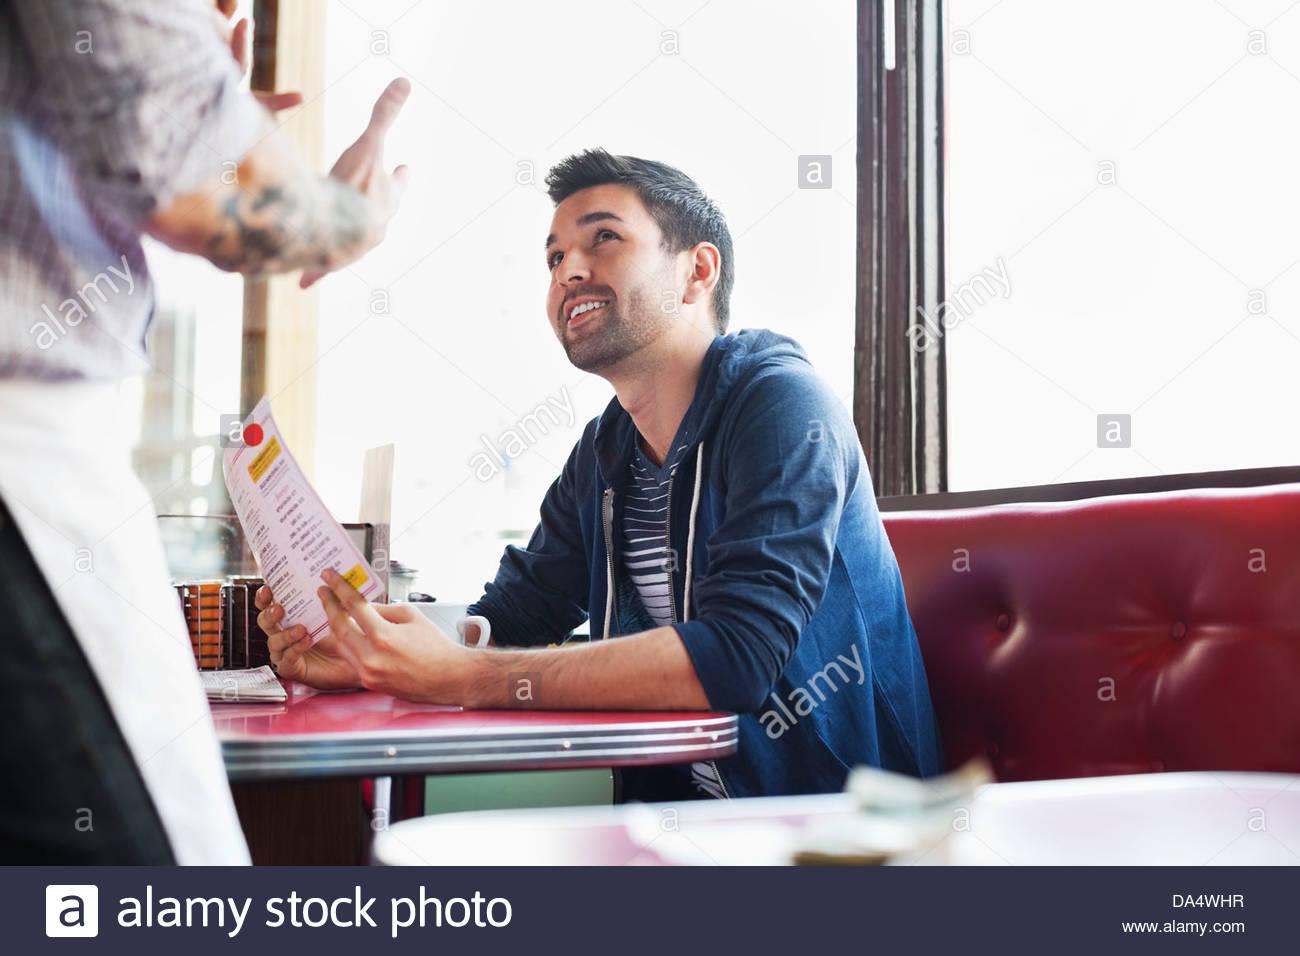 Maschio di cliente di ordinare cibo in diner Immagini Stock